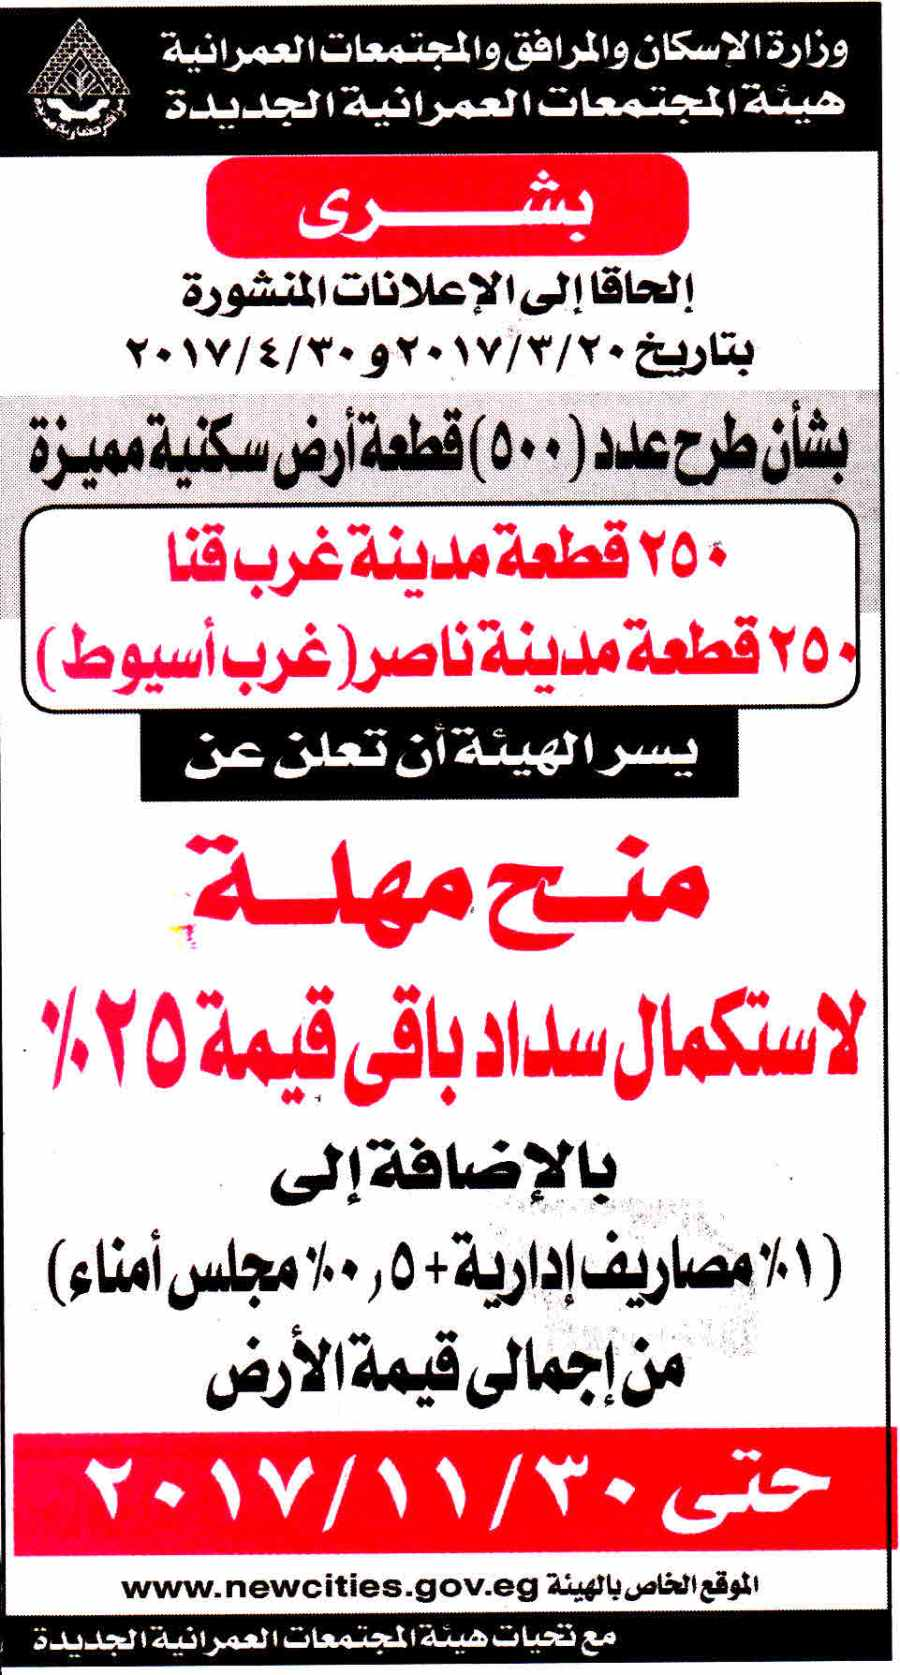 Al Ahram 15 Oct P.20.jpg